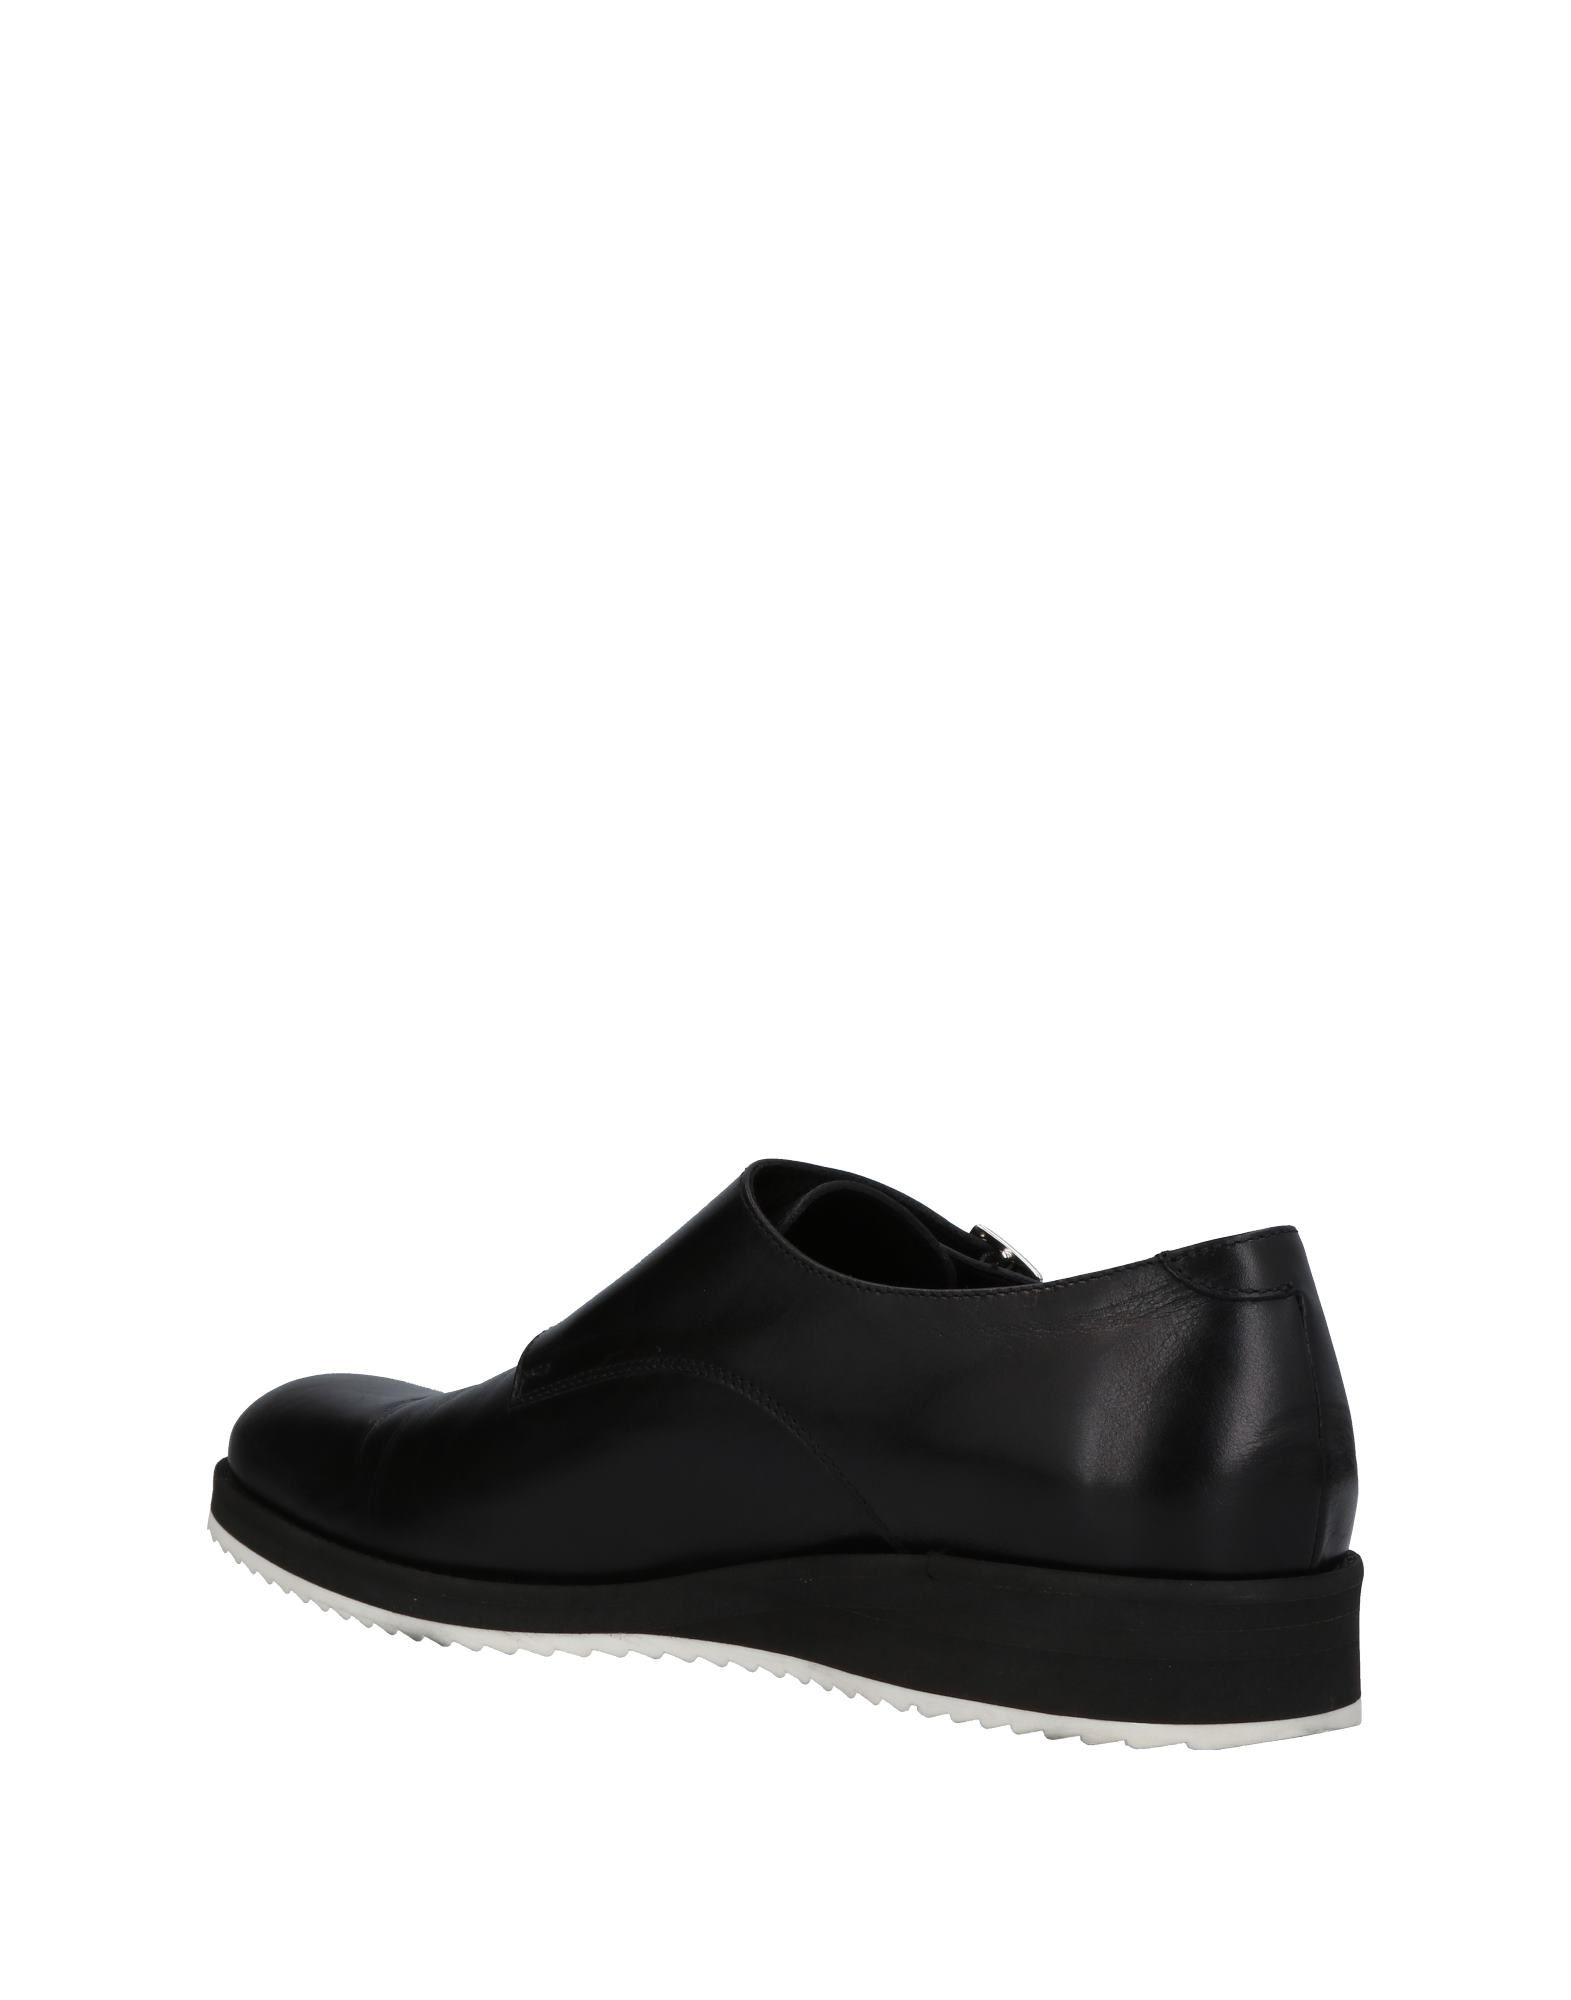 Günstige und modische Schuhe Neroh Mokassins Herren  11373226LW